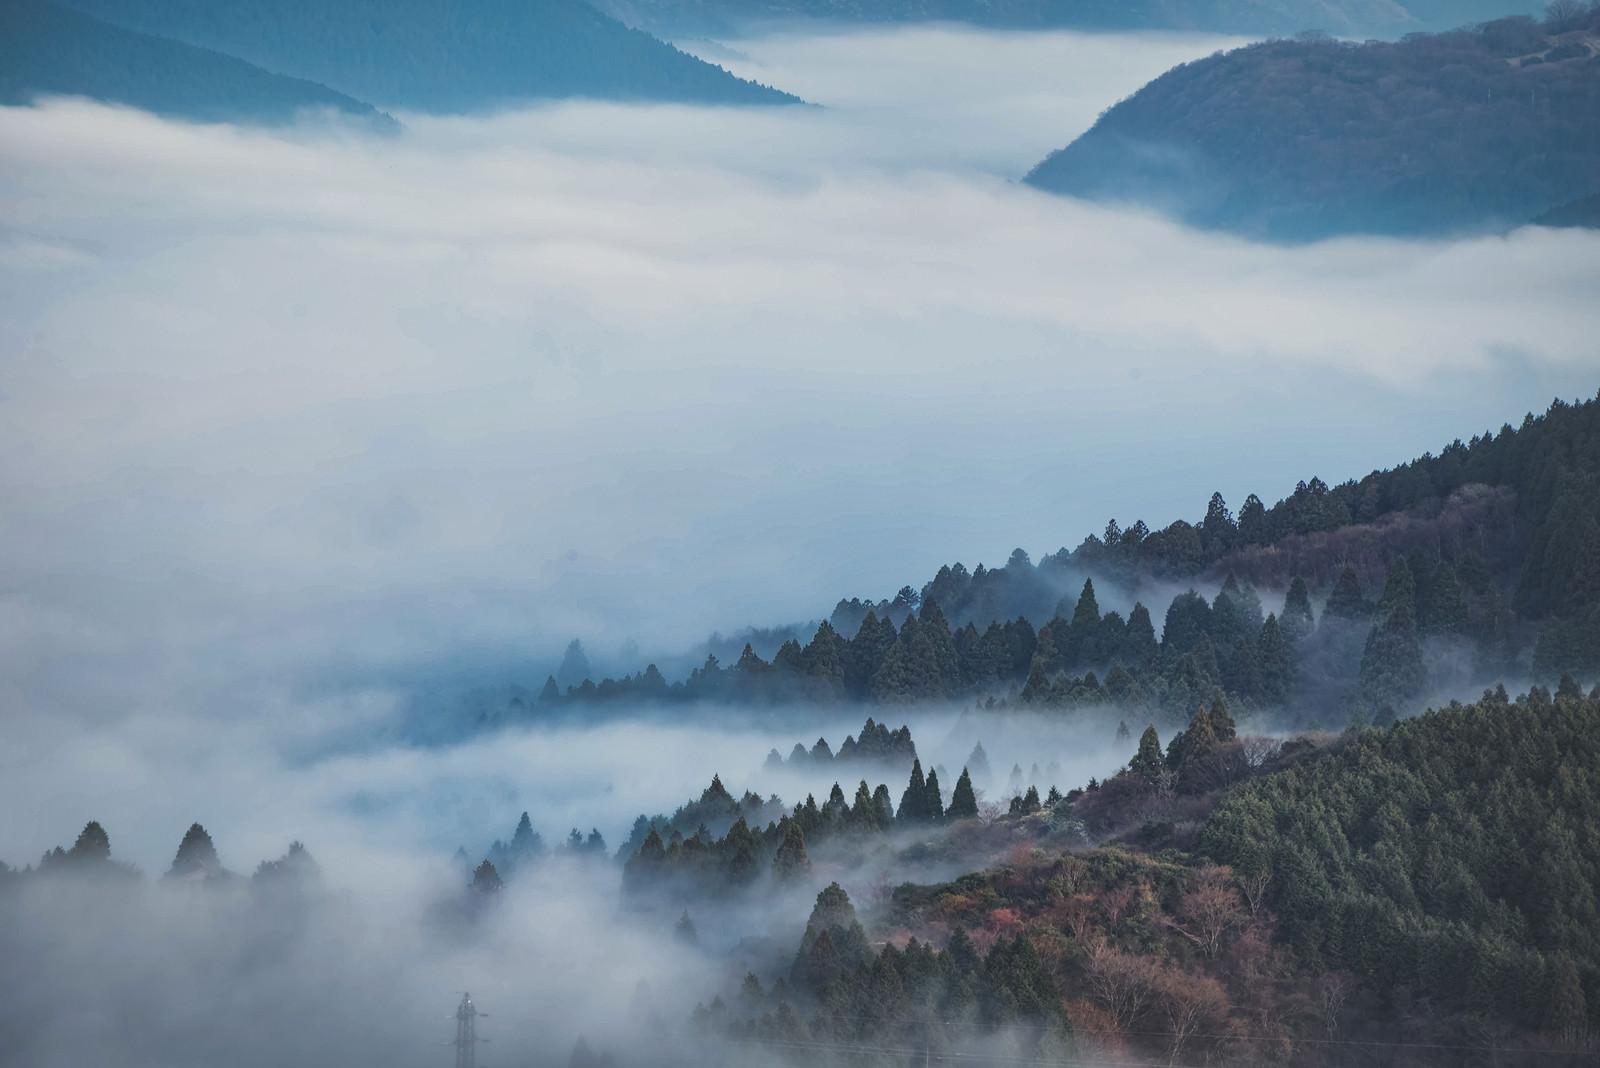 「霧に包まれる箱根の森」の写真